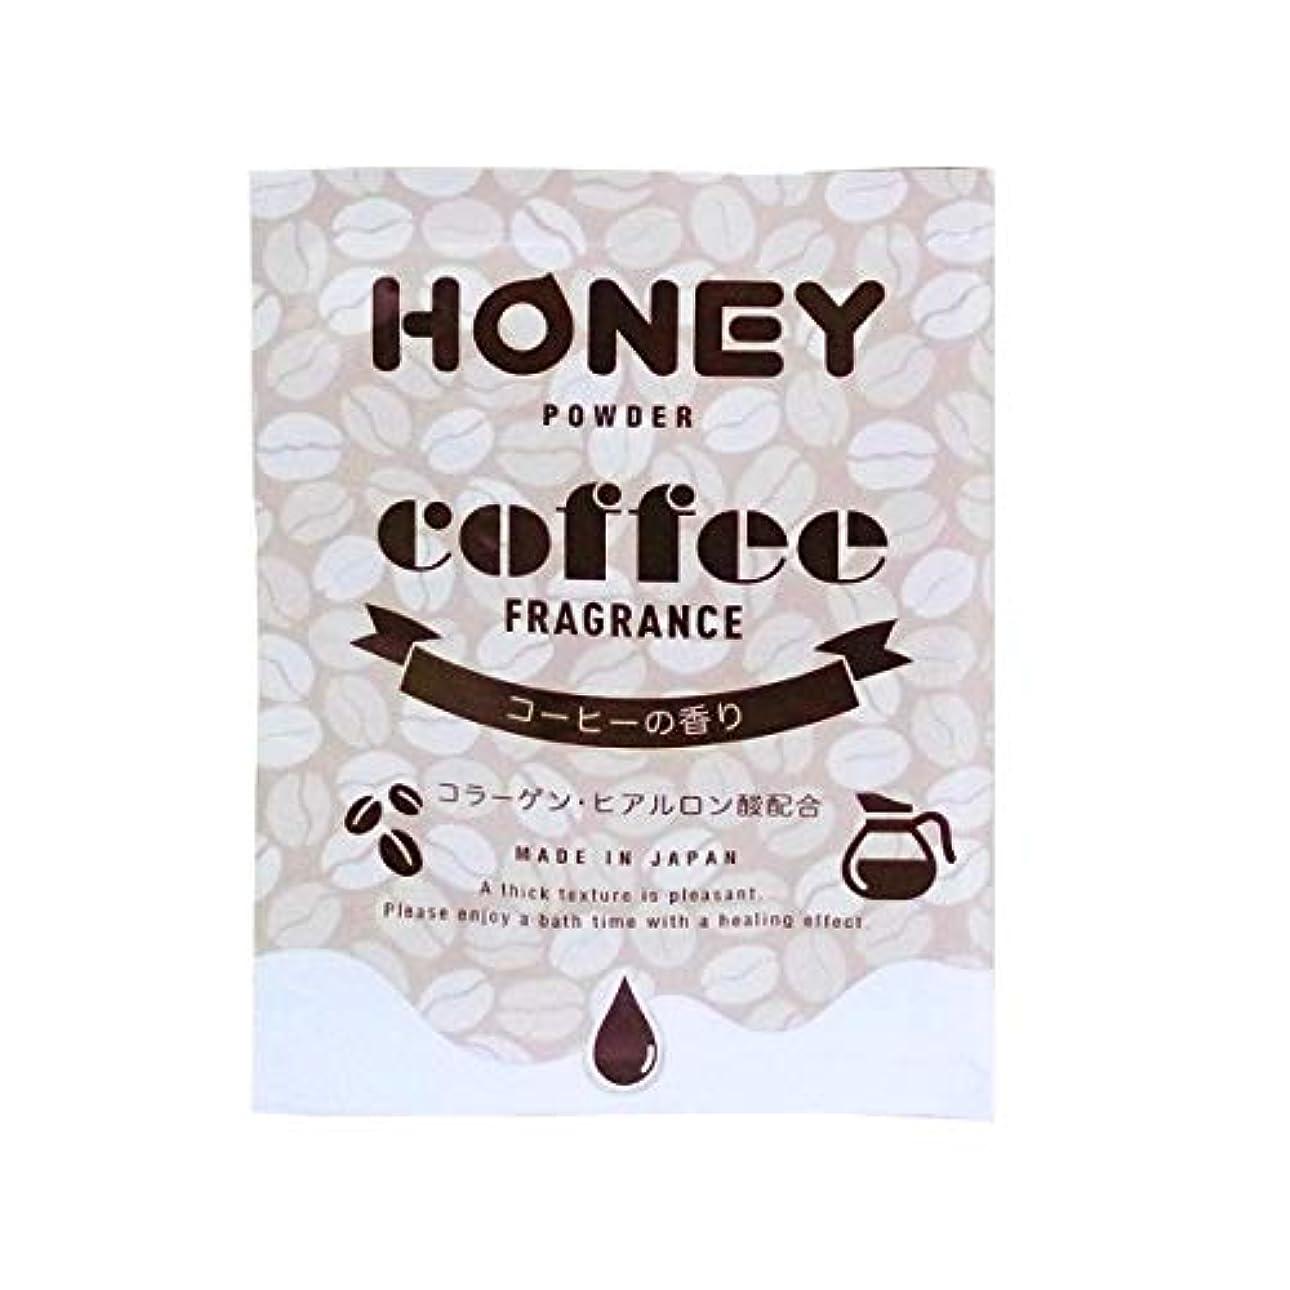 ゼリー領収書コースとろとろ入浴剤【honey powder】(ハニーパウダー) 2個セット コーヒーの香り 粉末タイプ ローション